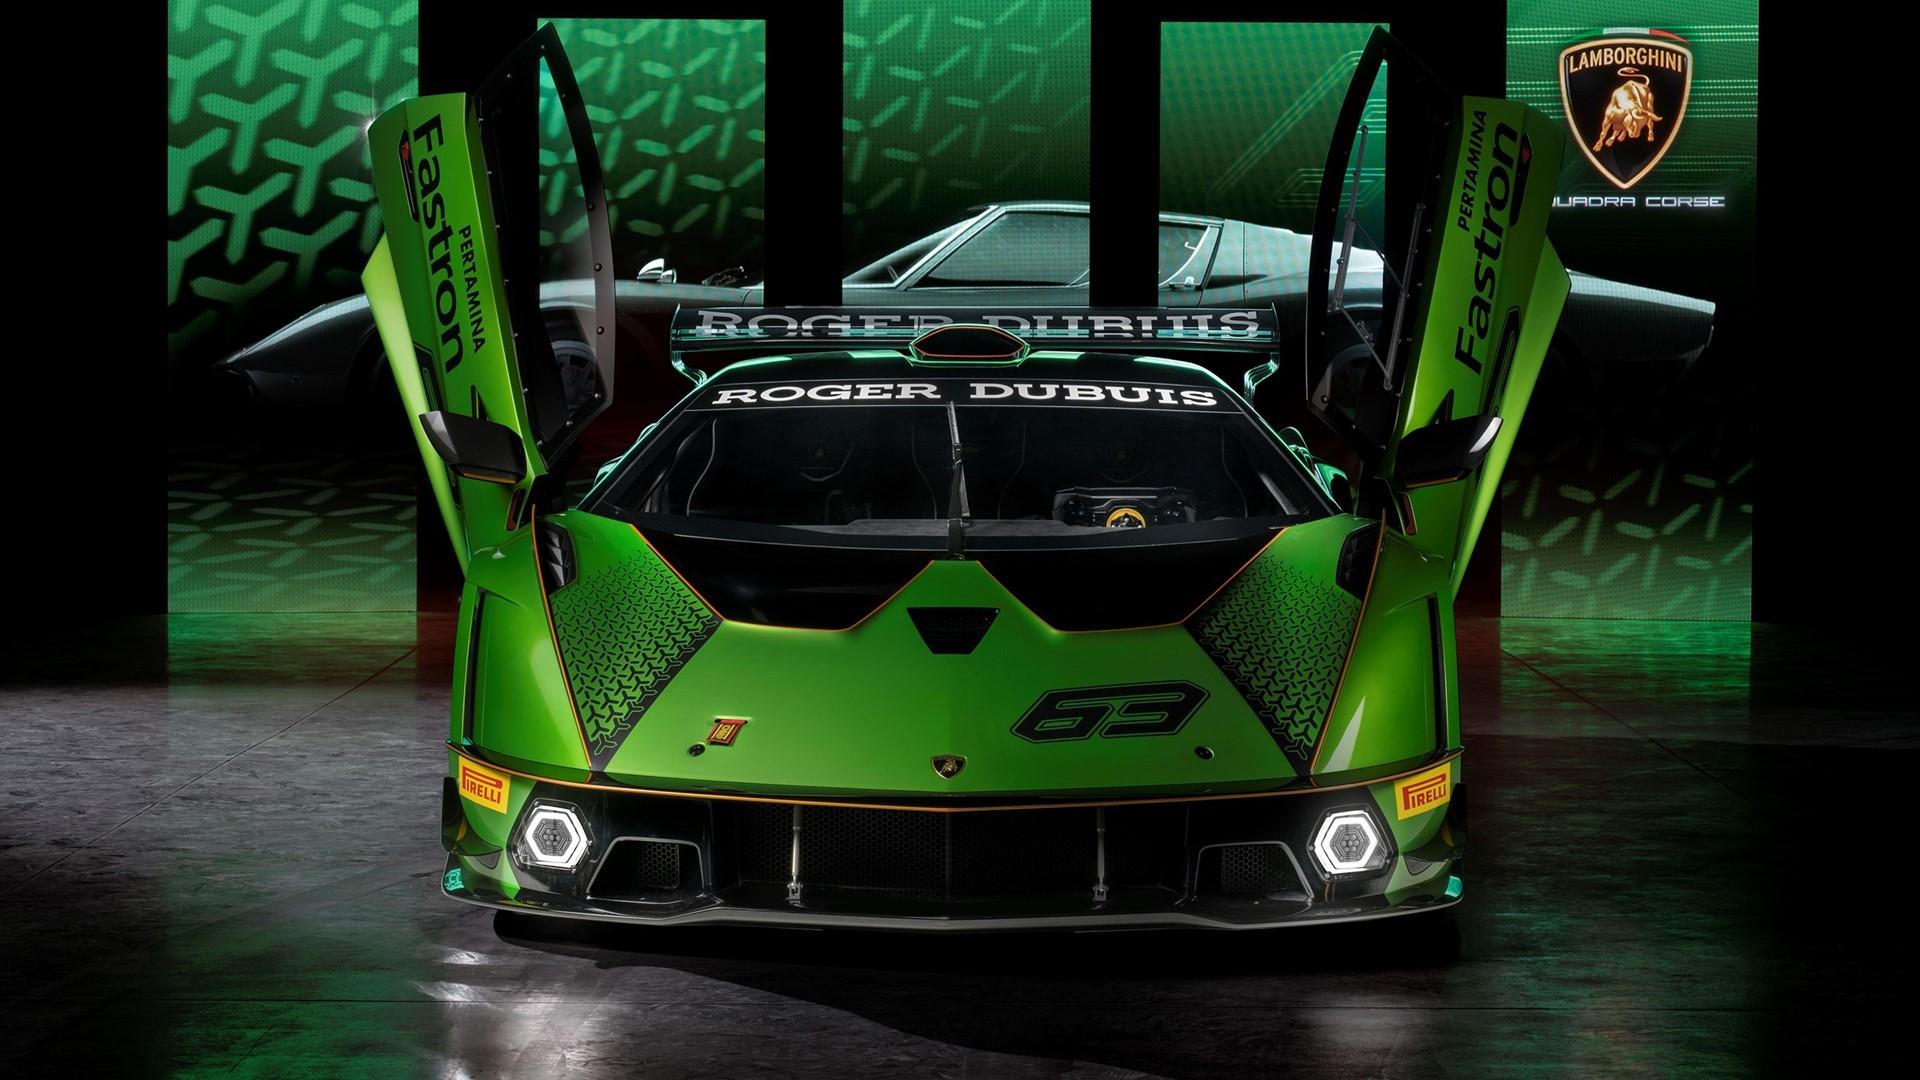 Lamborghini Essenza SCV12: the purest track experience - Image 3